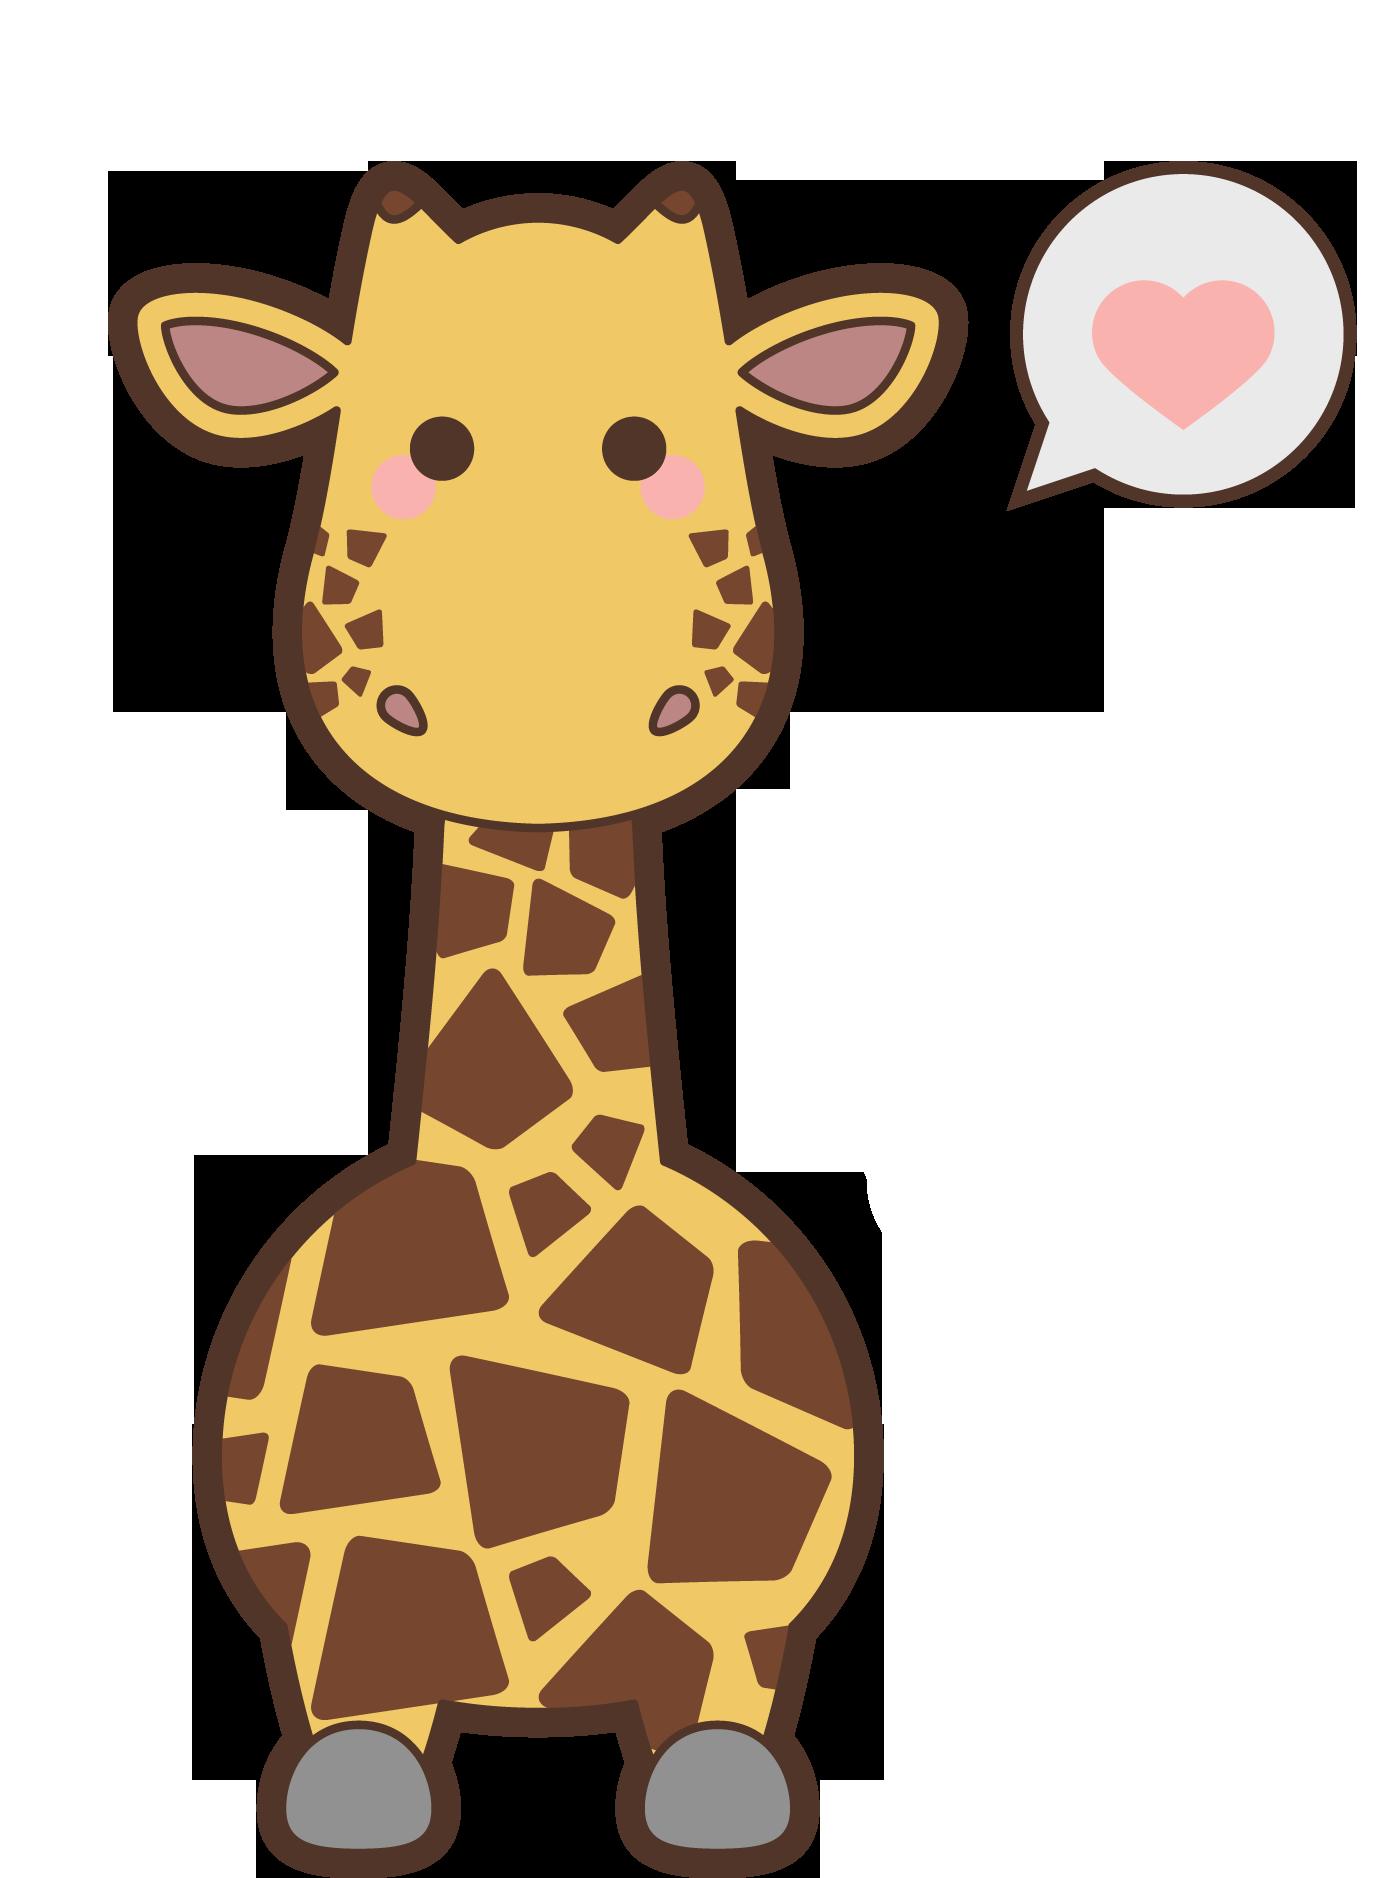 Giraffe clipart icon. Safari animal kavaii creative